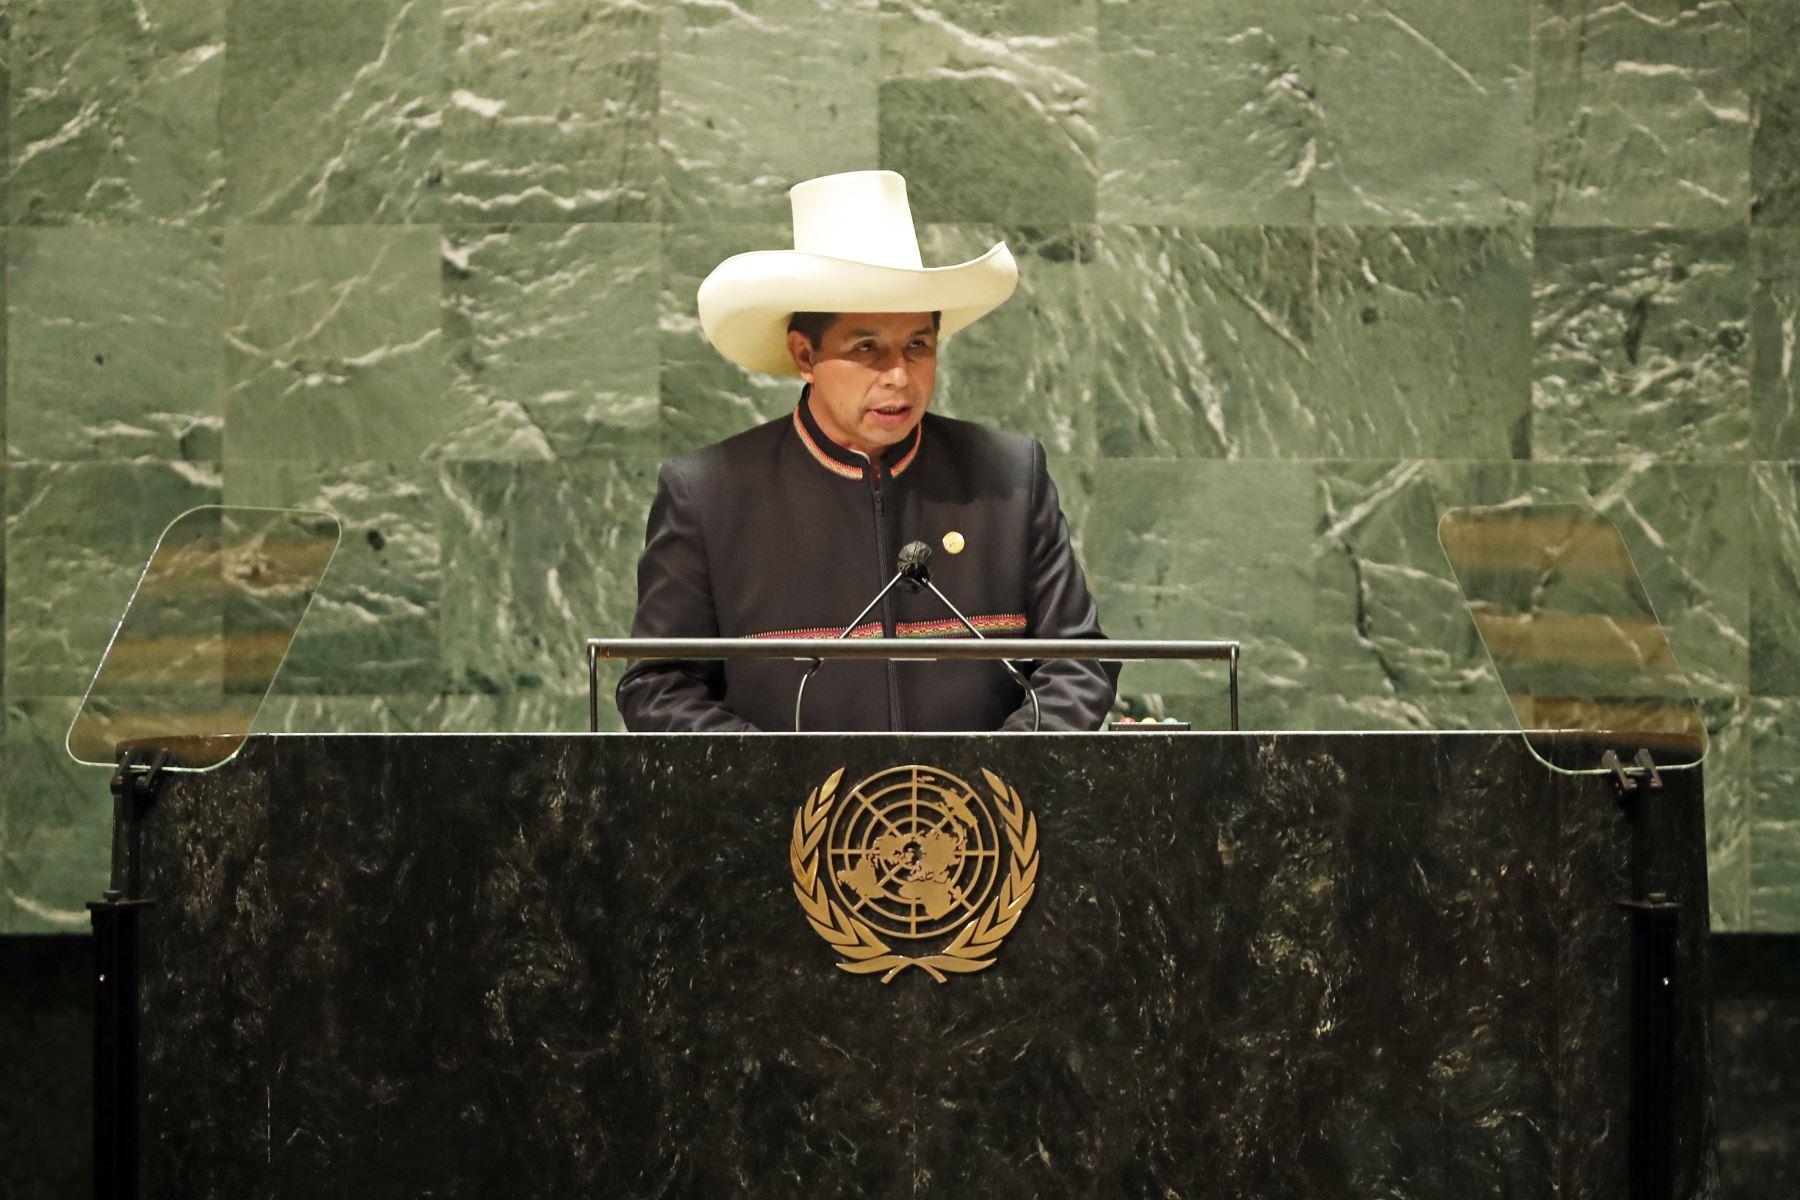 Intervención del Presidente de la República, Pedro Castillo, en la 76 ° Asamblea General de las Naciones Unidas. Foto: ANDINA/Prensa Presidencia